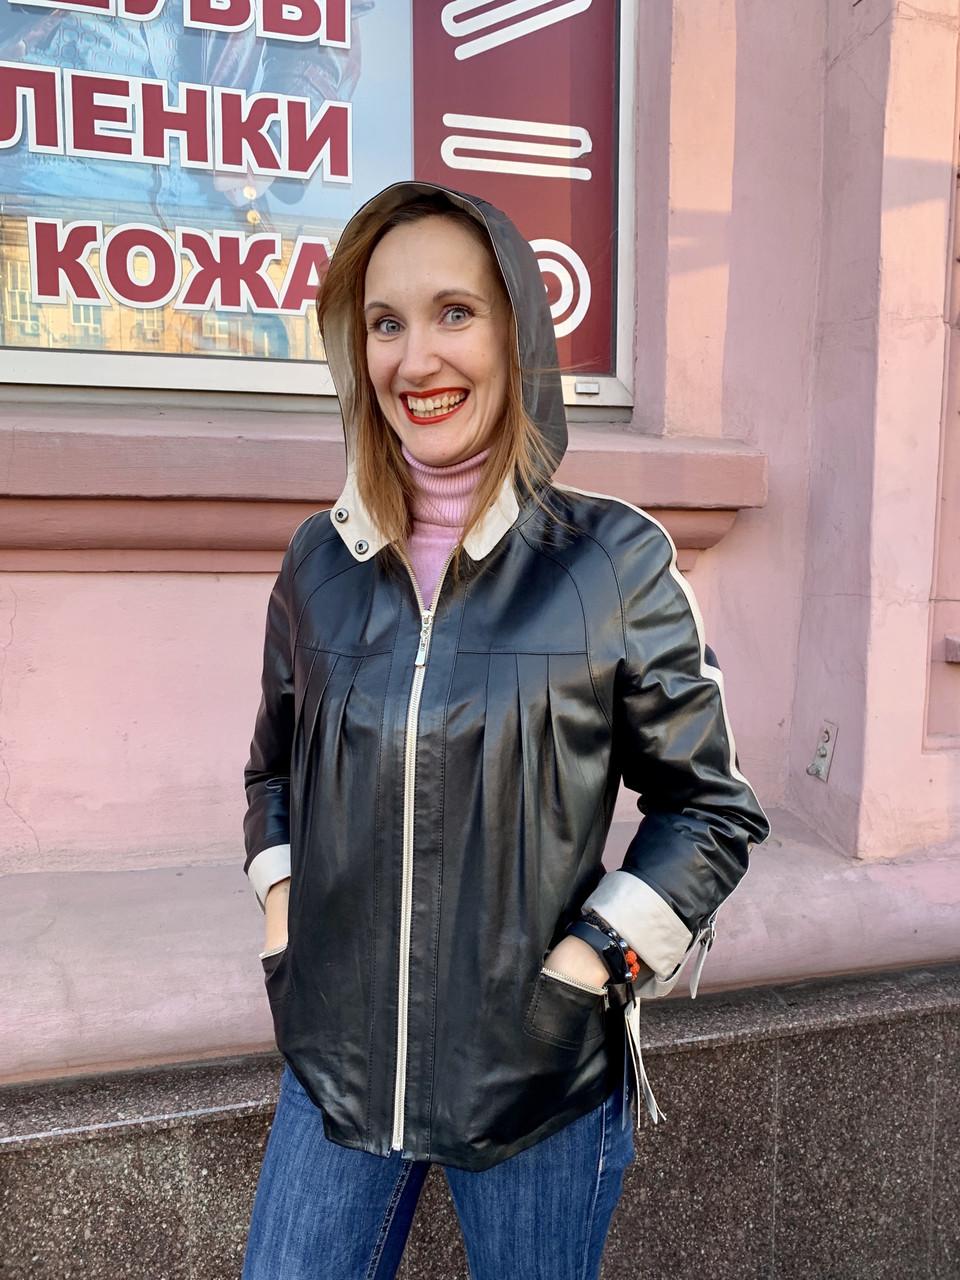 Кожаная женская куртка с капюшоном